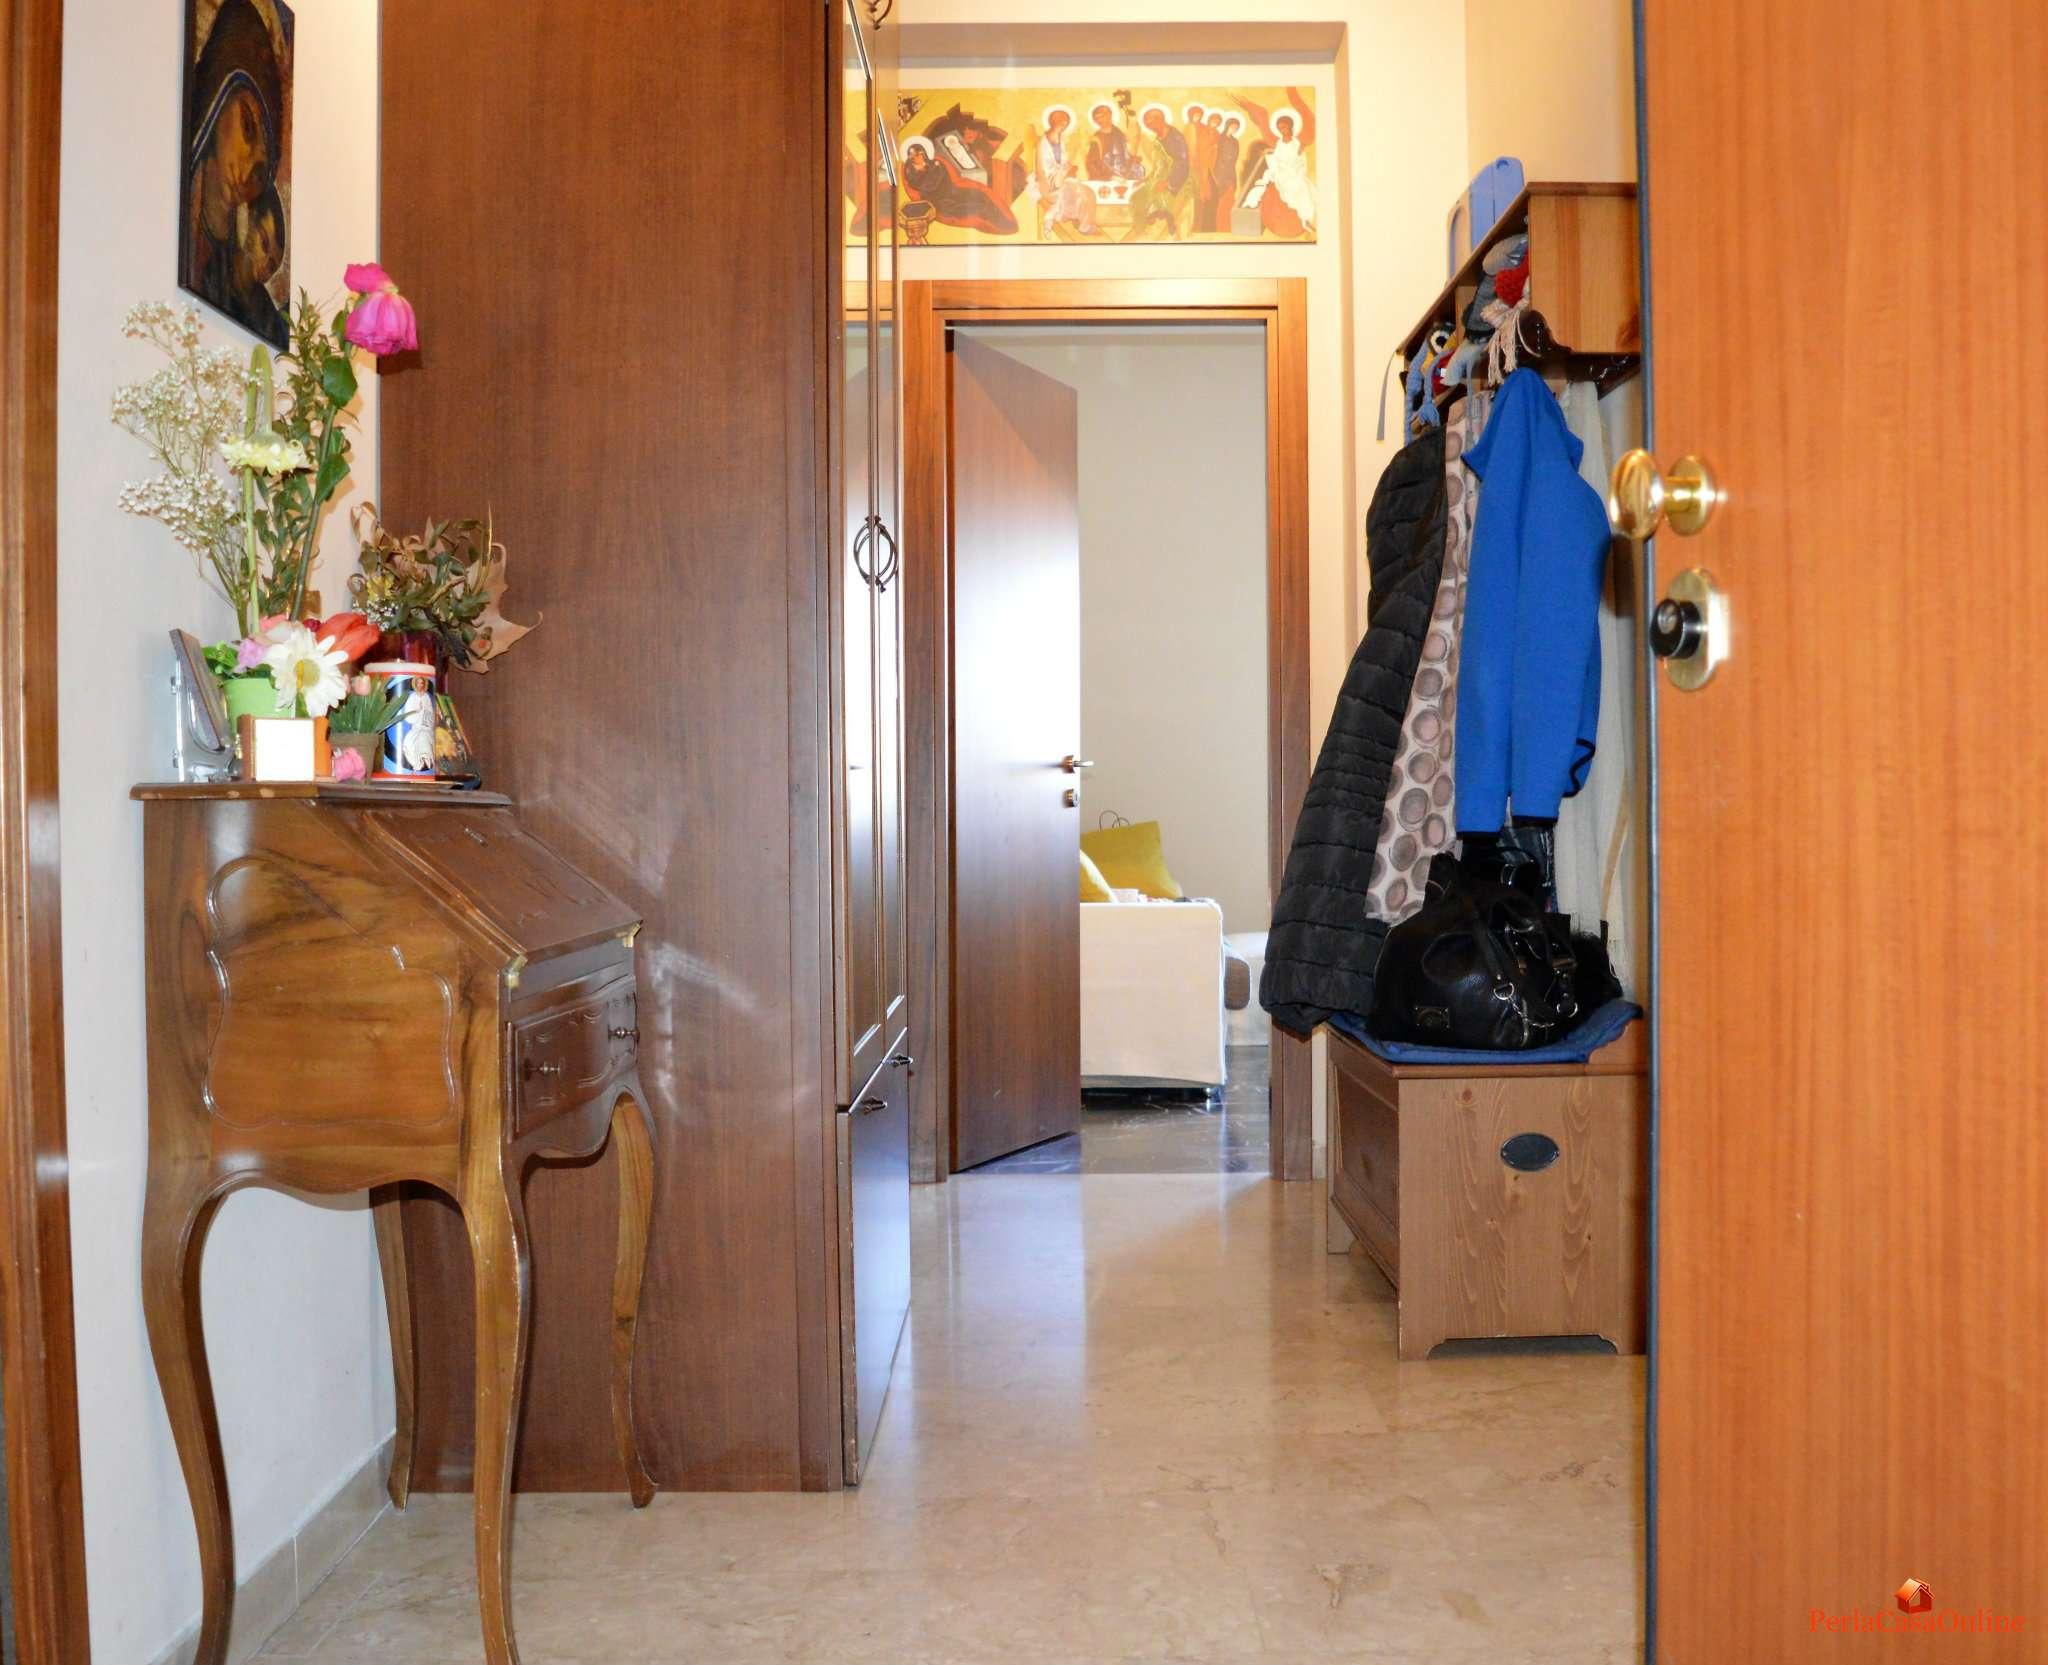 Foto 1 di Appartamento via Bomenico Bolognesi, Forlì